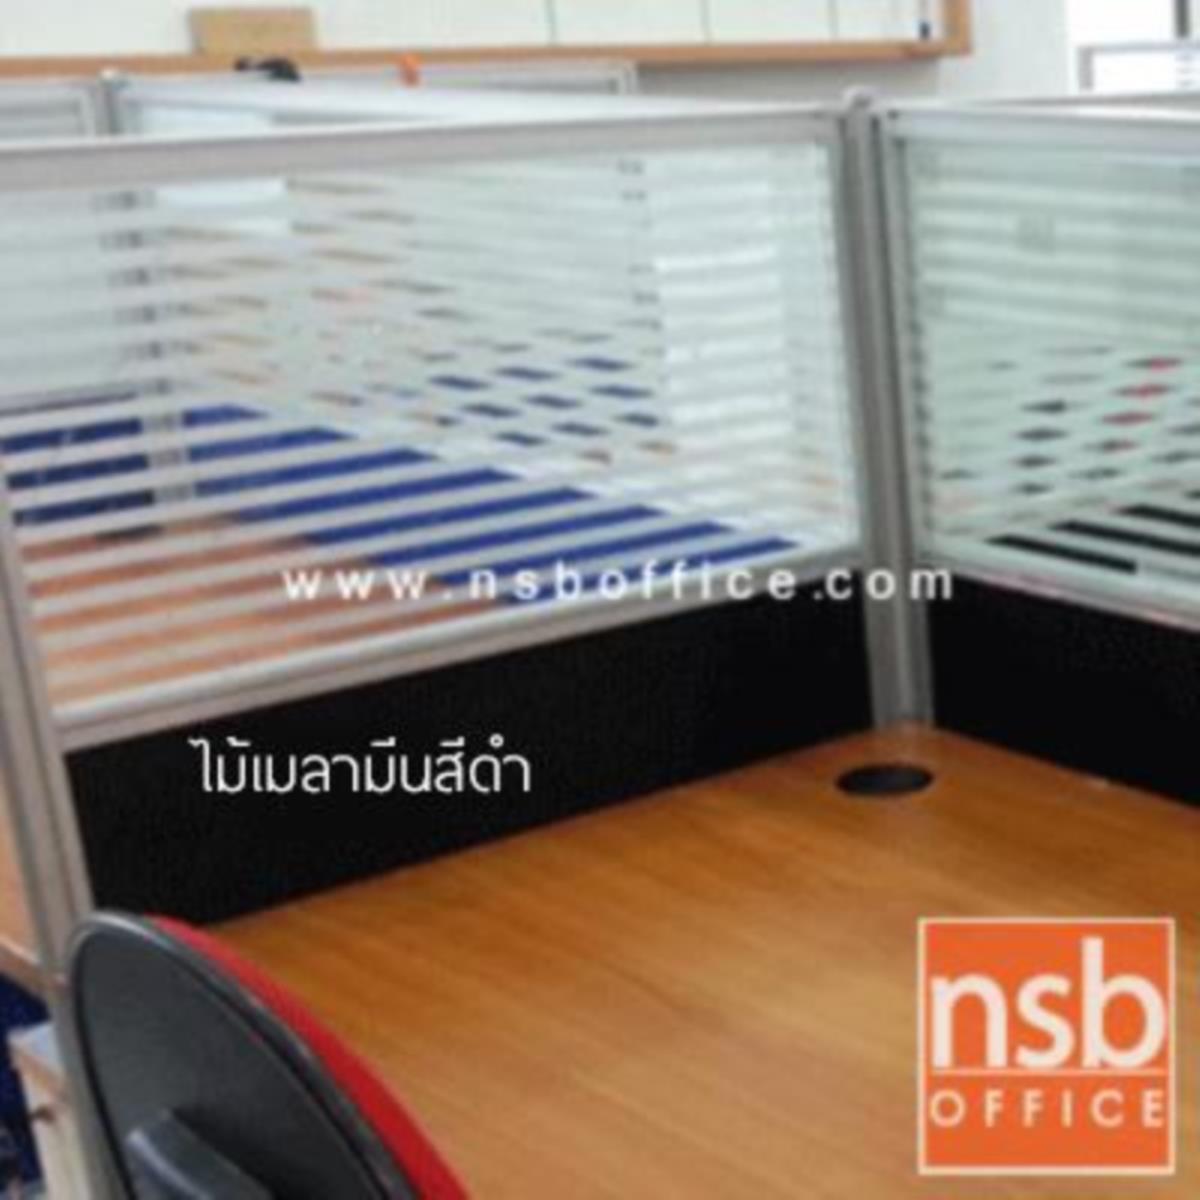 ชุดโต๊ะทำงานกลุ่ม 5 ที่นั่ง   ขนาดรวม 612W*62D cm. พร้อมพาร์ทิชั่นครึ่งกระจกขัดลาย